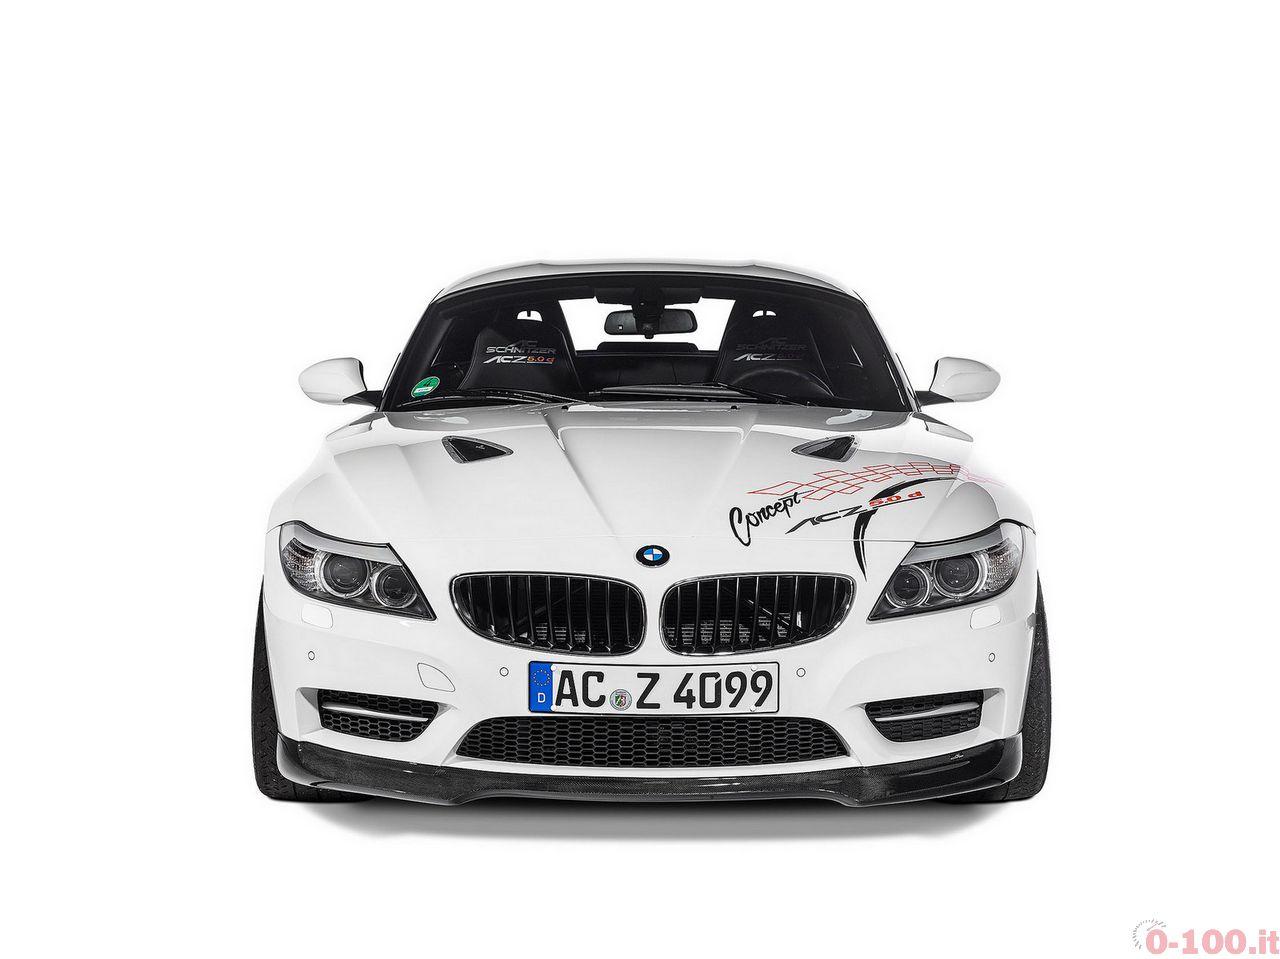 tuning-ac-schnitzer-acz4-5000-d_BMW_Z4-m550d-0-100_3